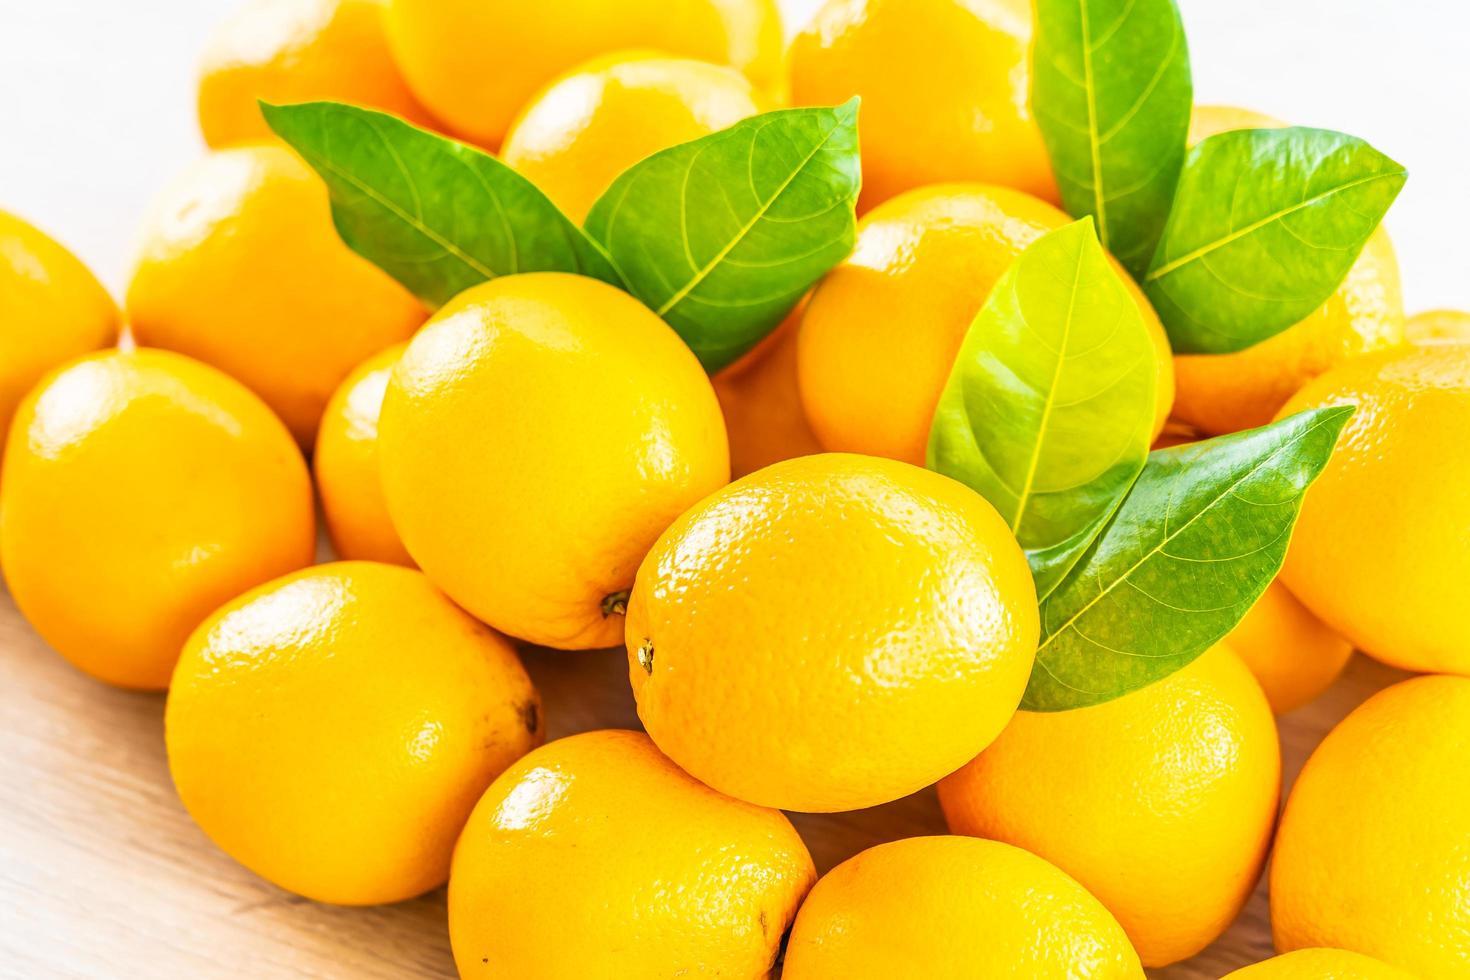 naranjas frescas en una mesa de madera foto